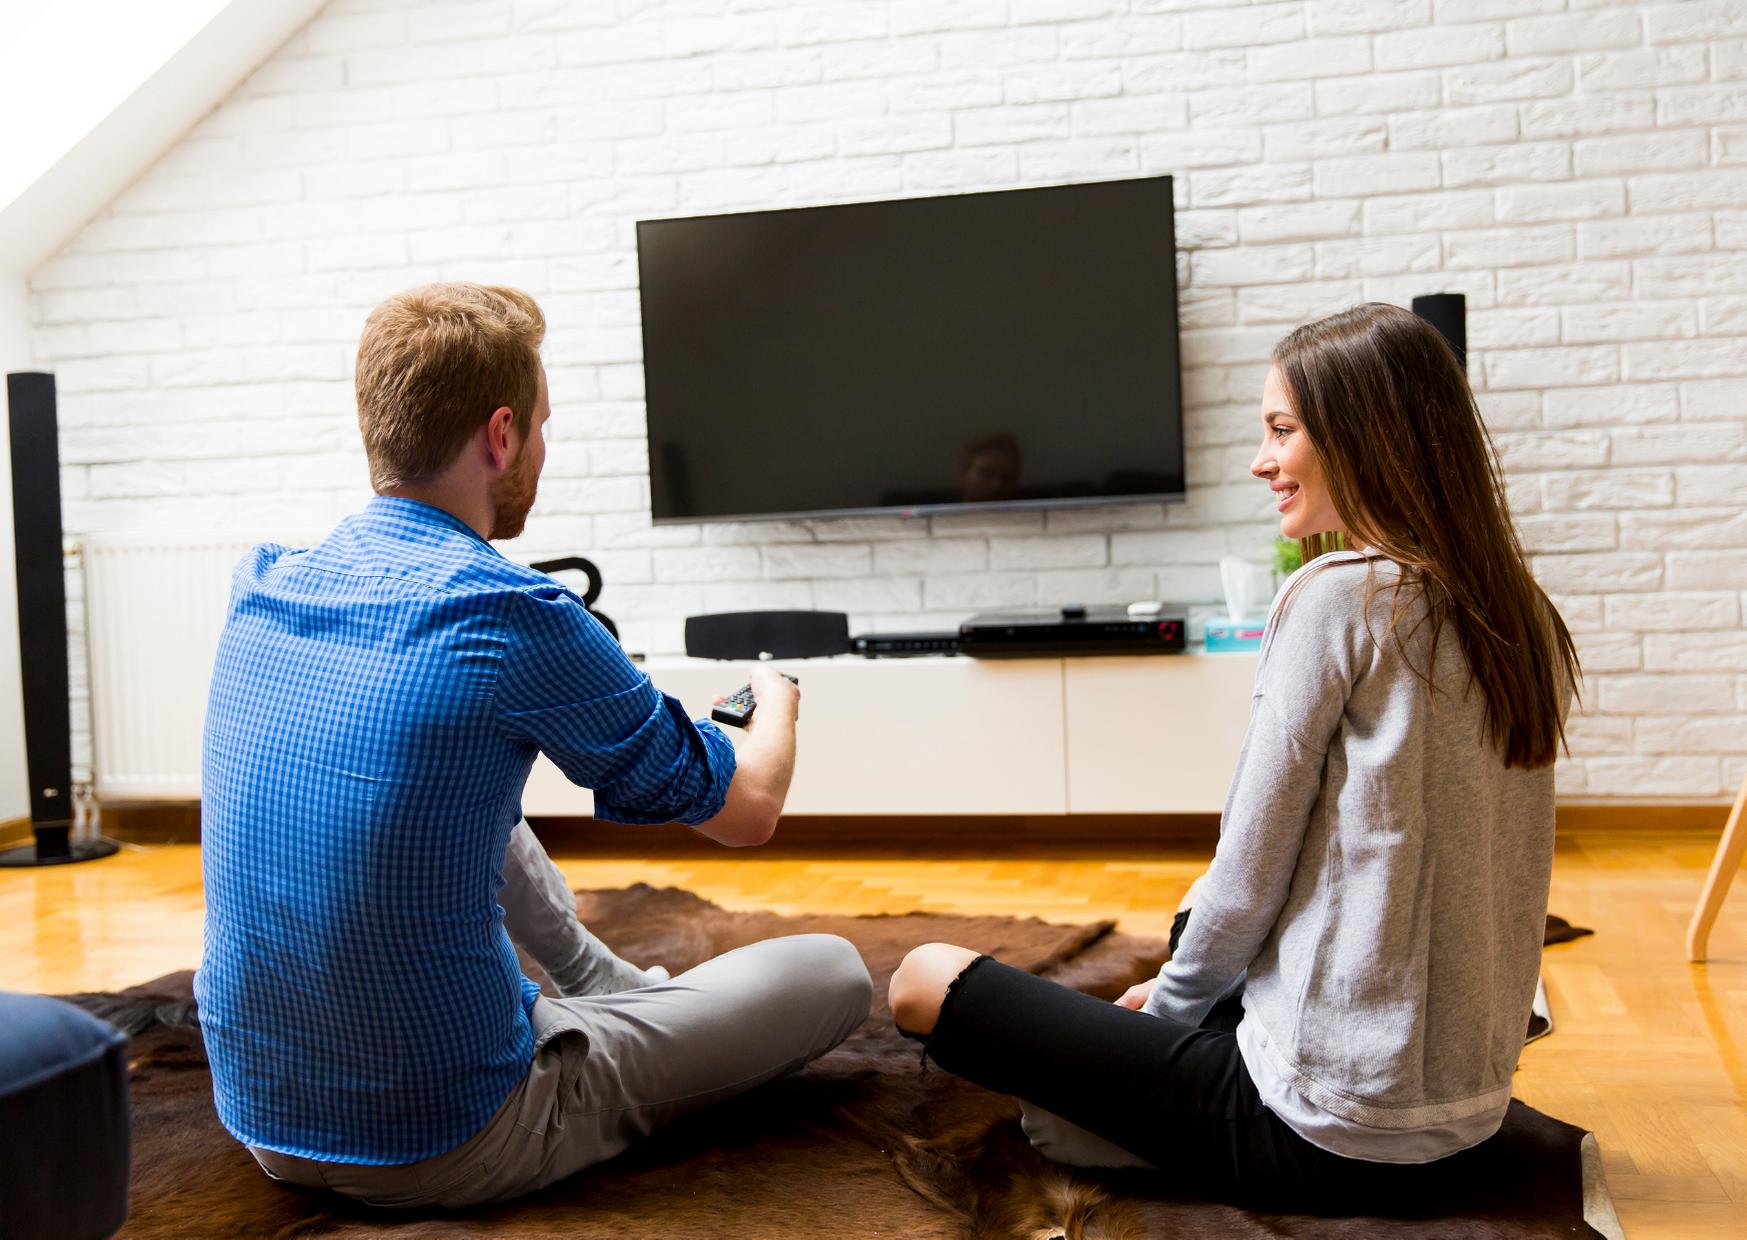 Watching in Smart tv